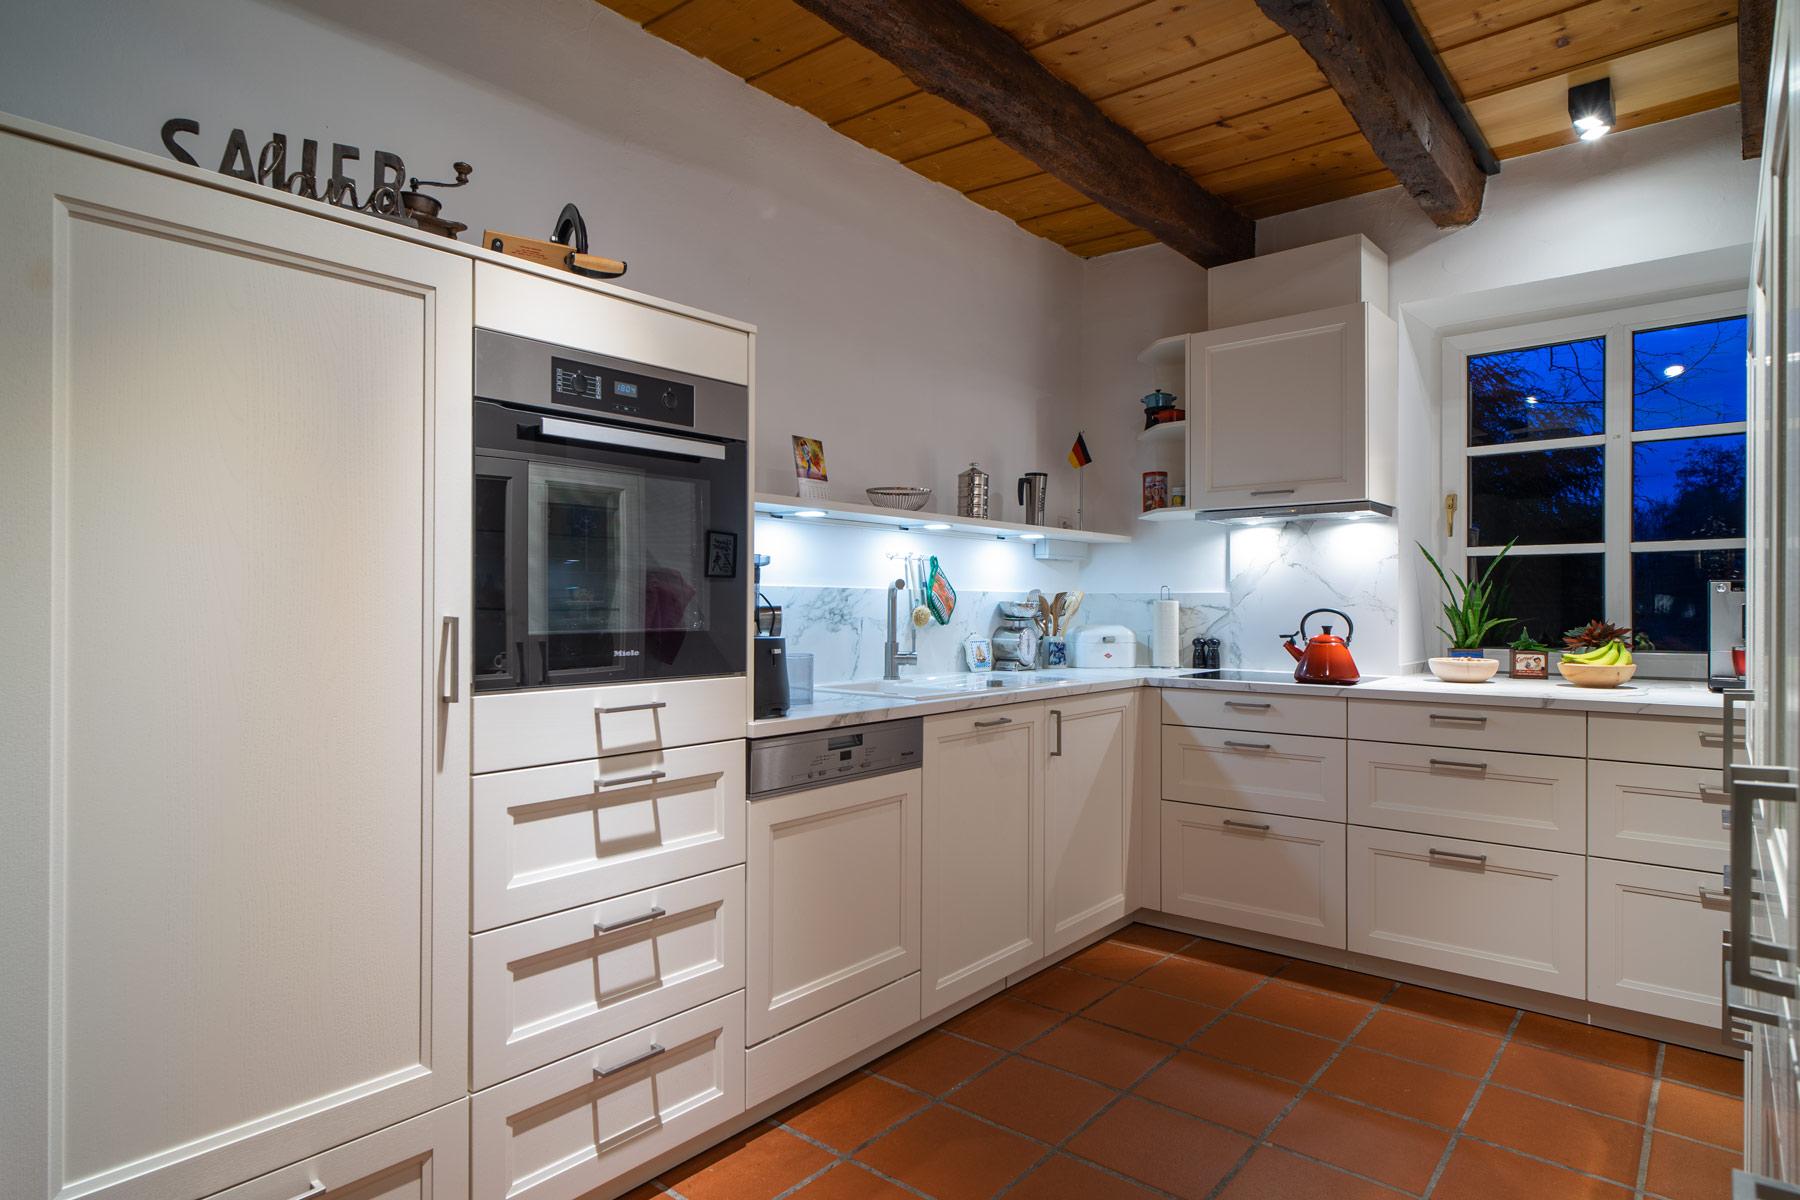 Traditionell eingerichtete Küche eines Landhauses in Schmallenberg